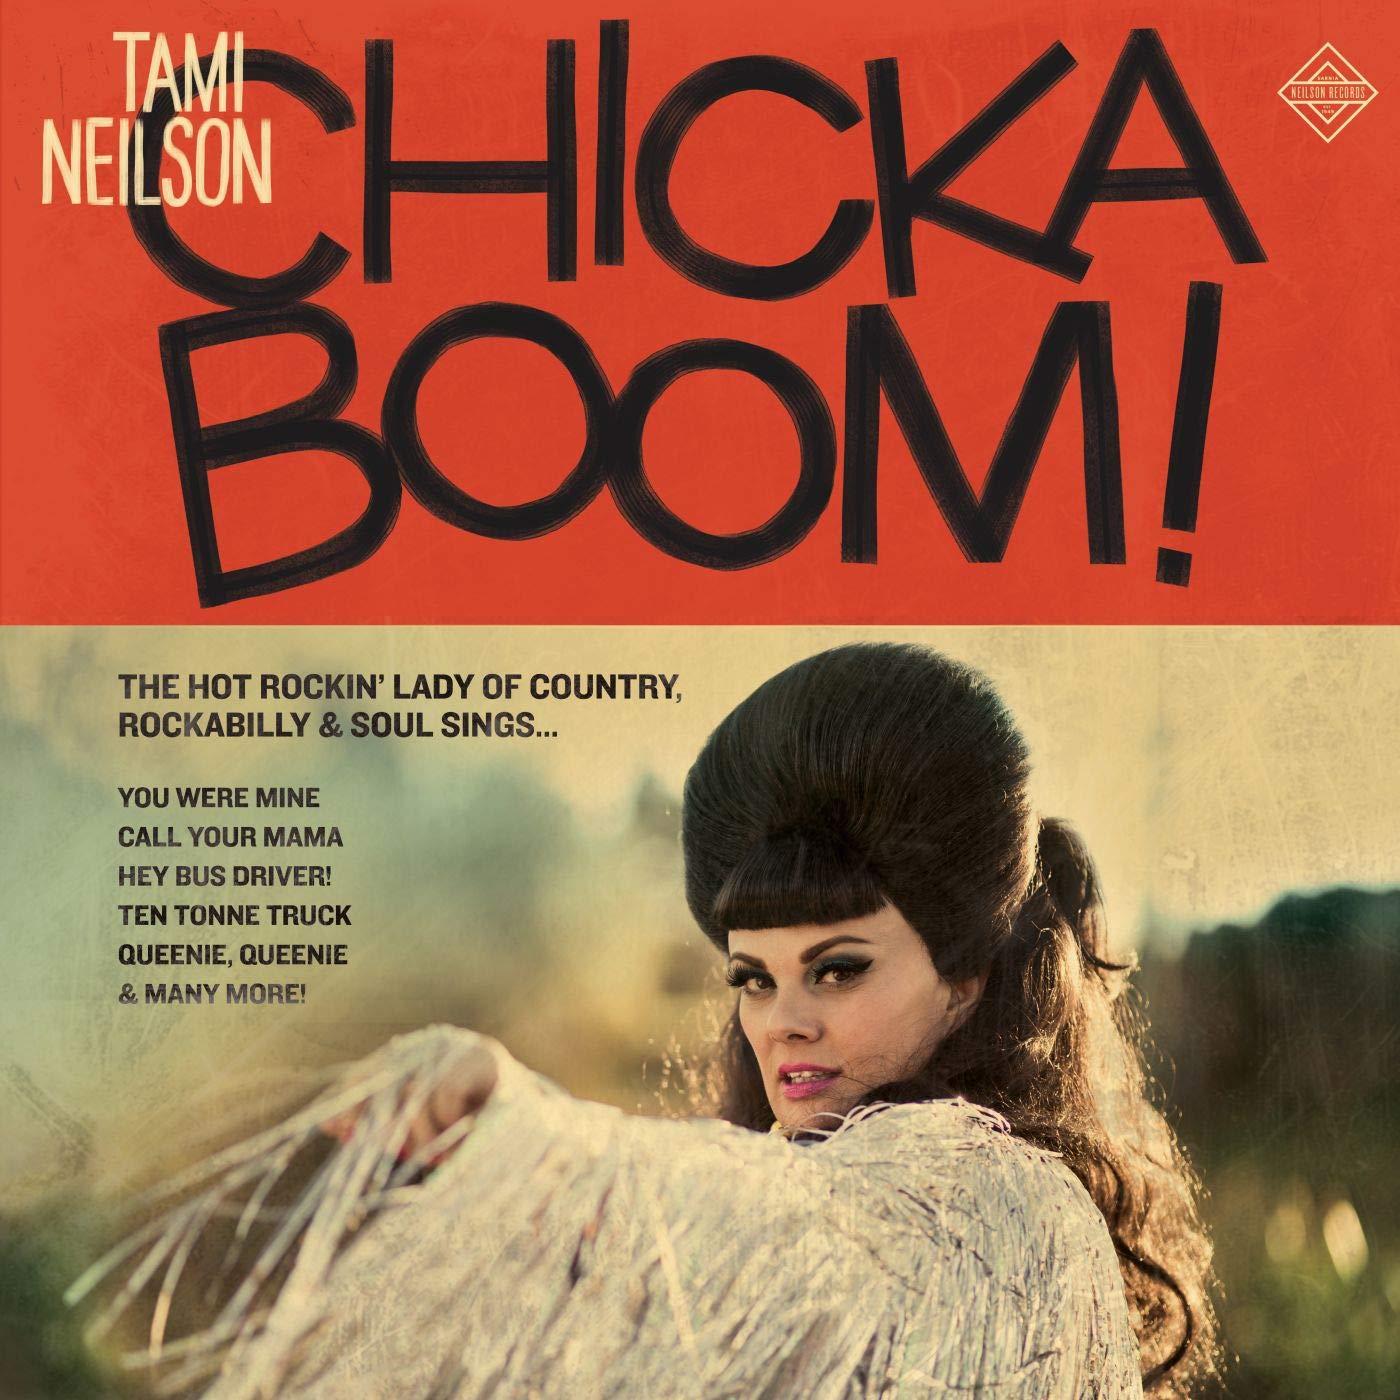 Tami Neilson – Chickaboom! (2020) [FLAC]